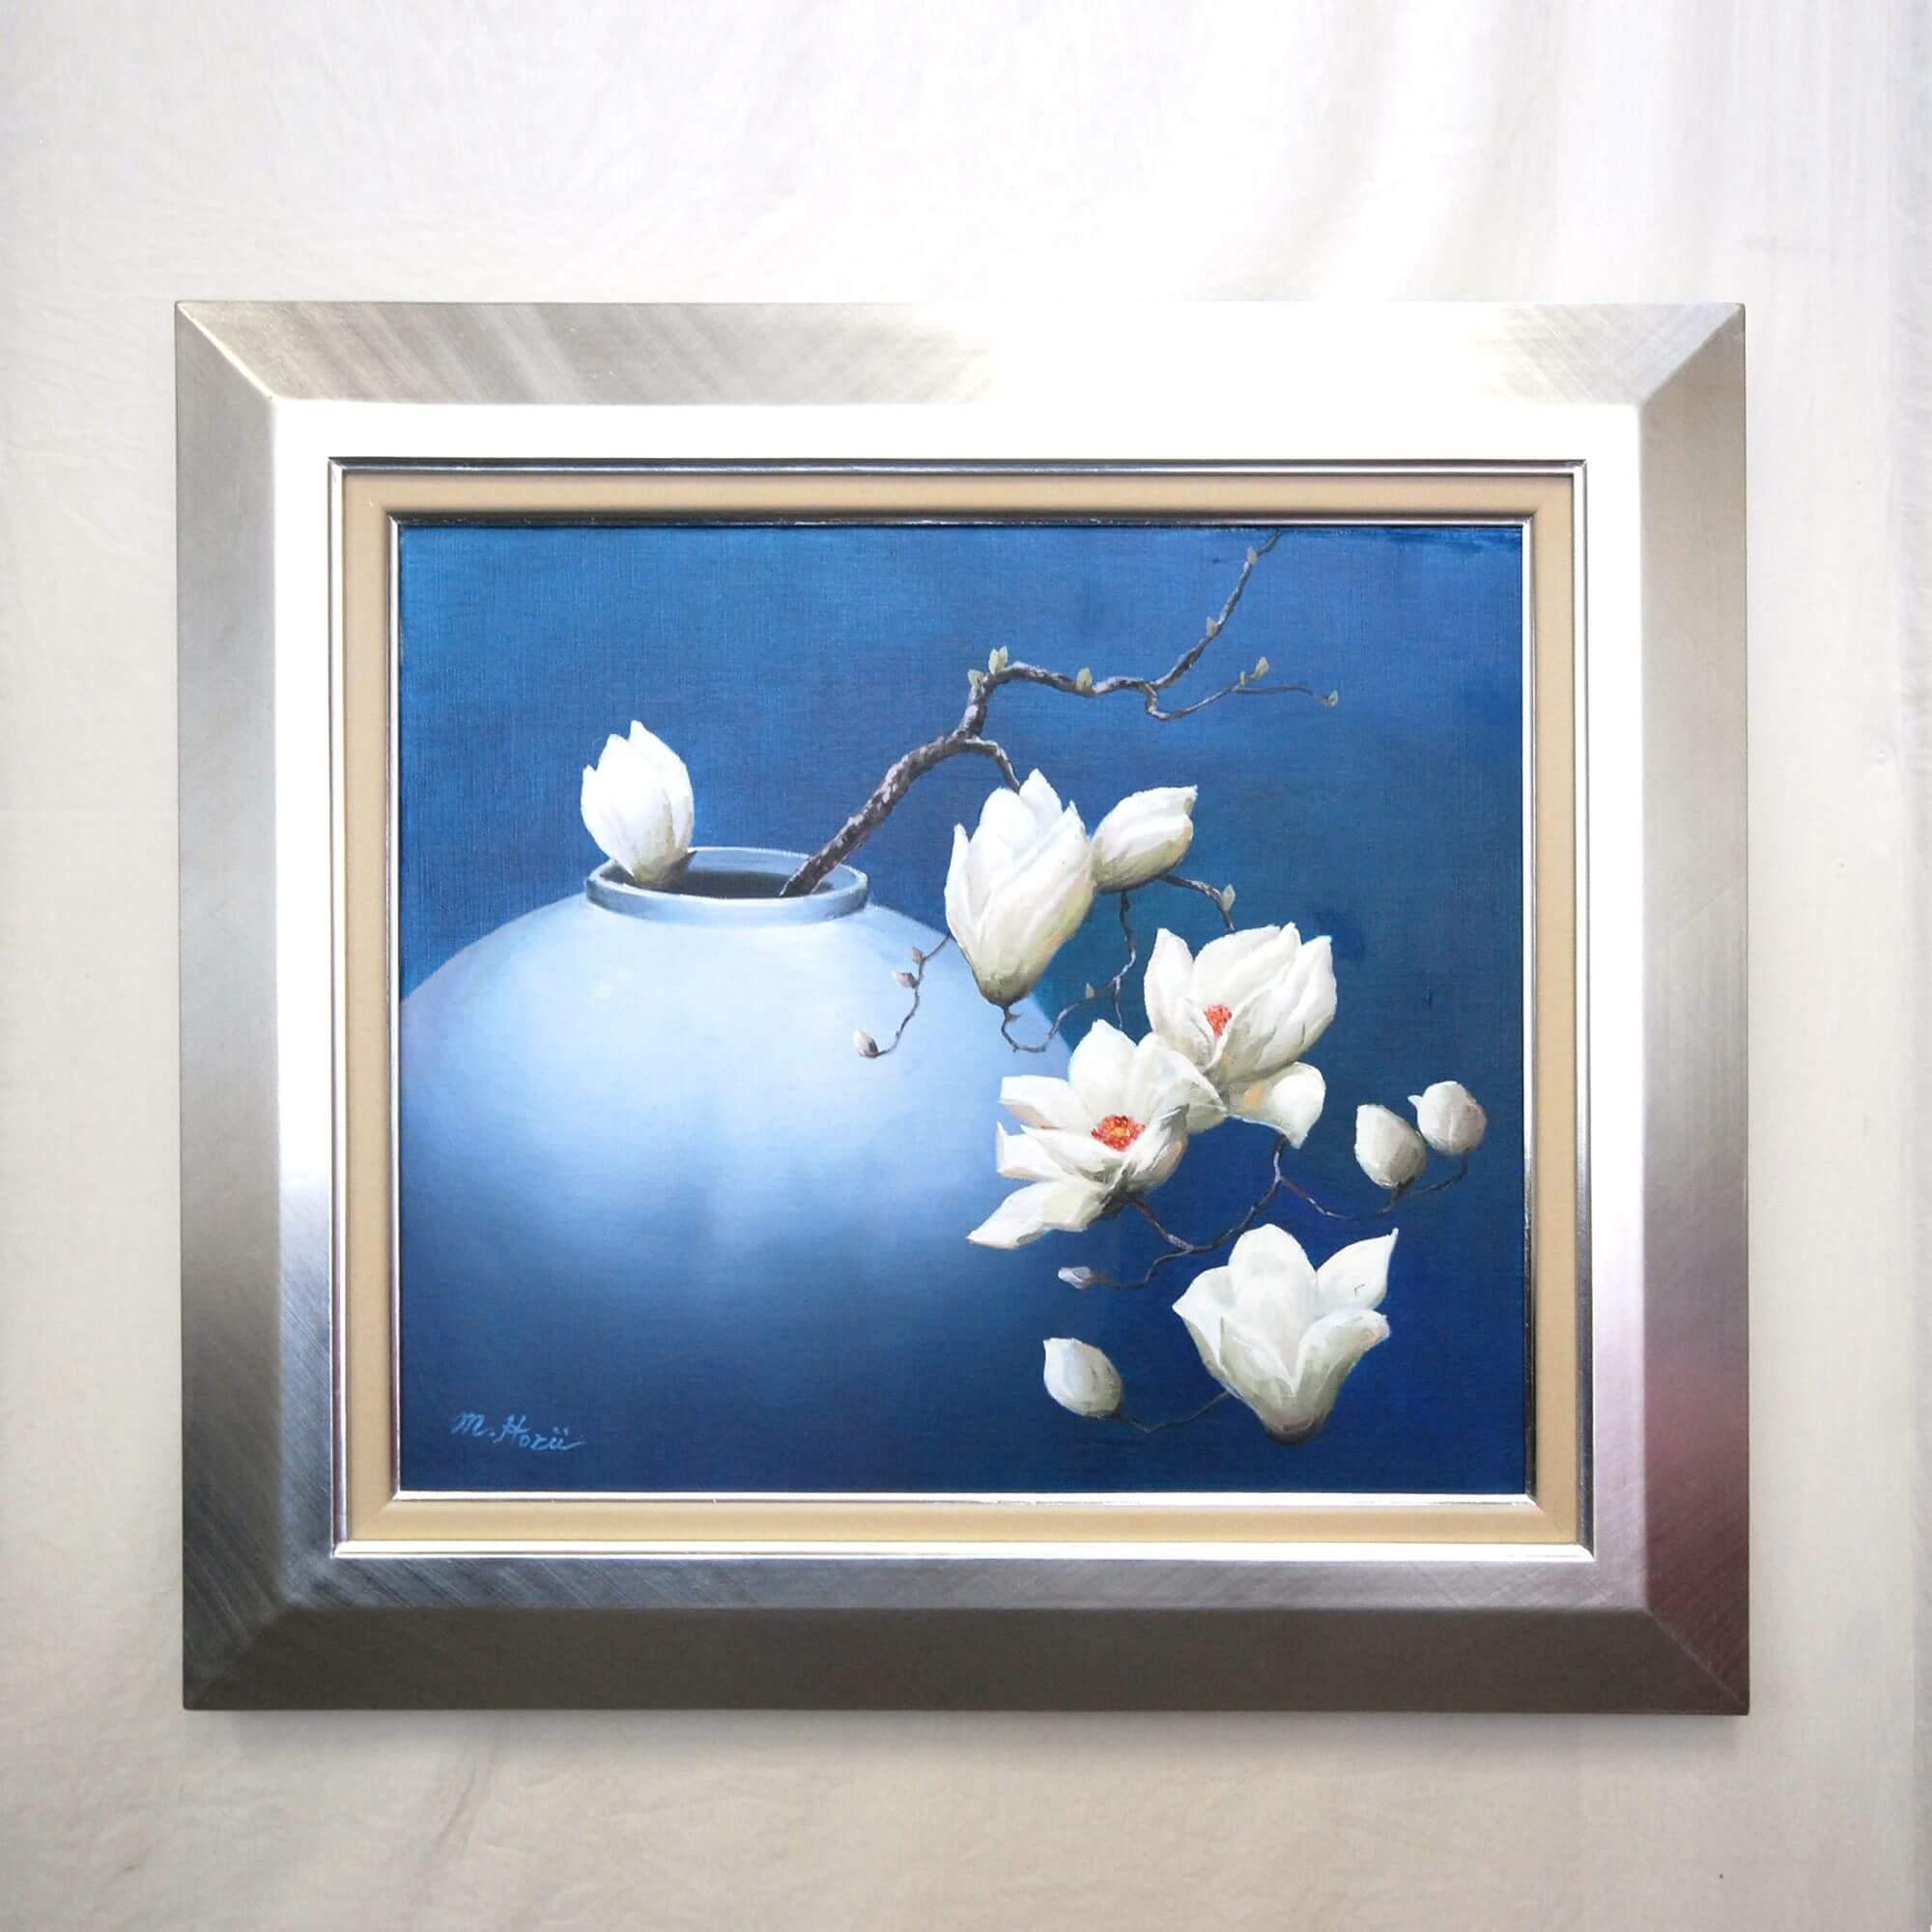 絵画: 油絵 | 堀井雅之 | もくれん | F10